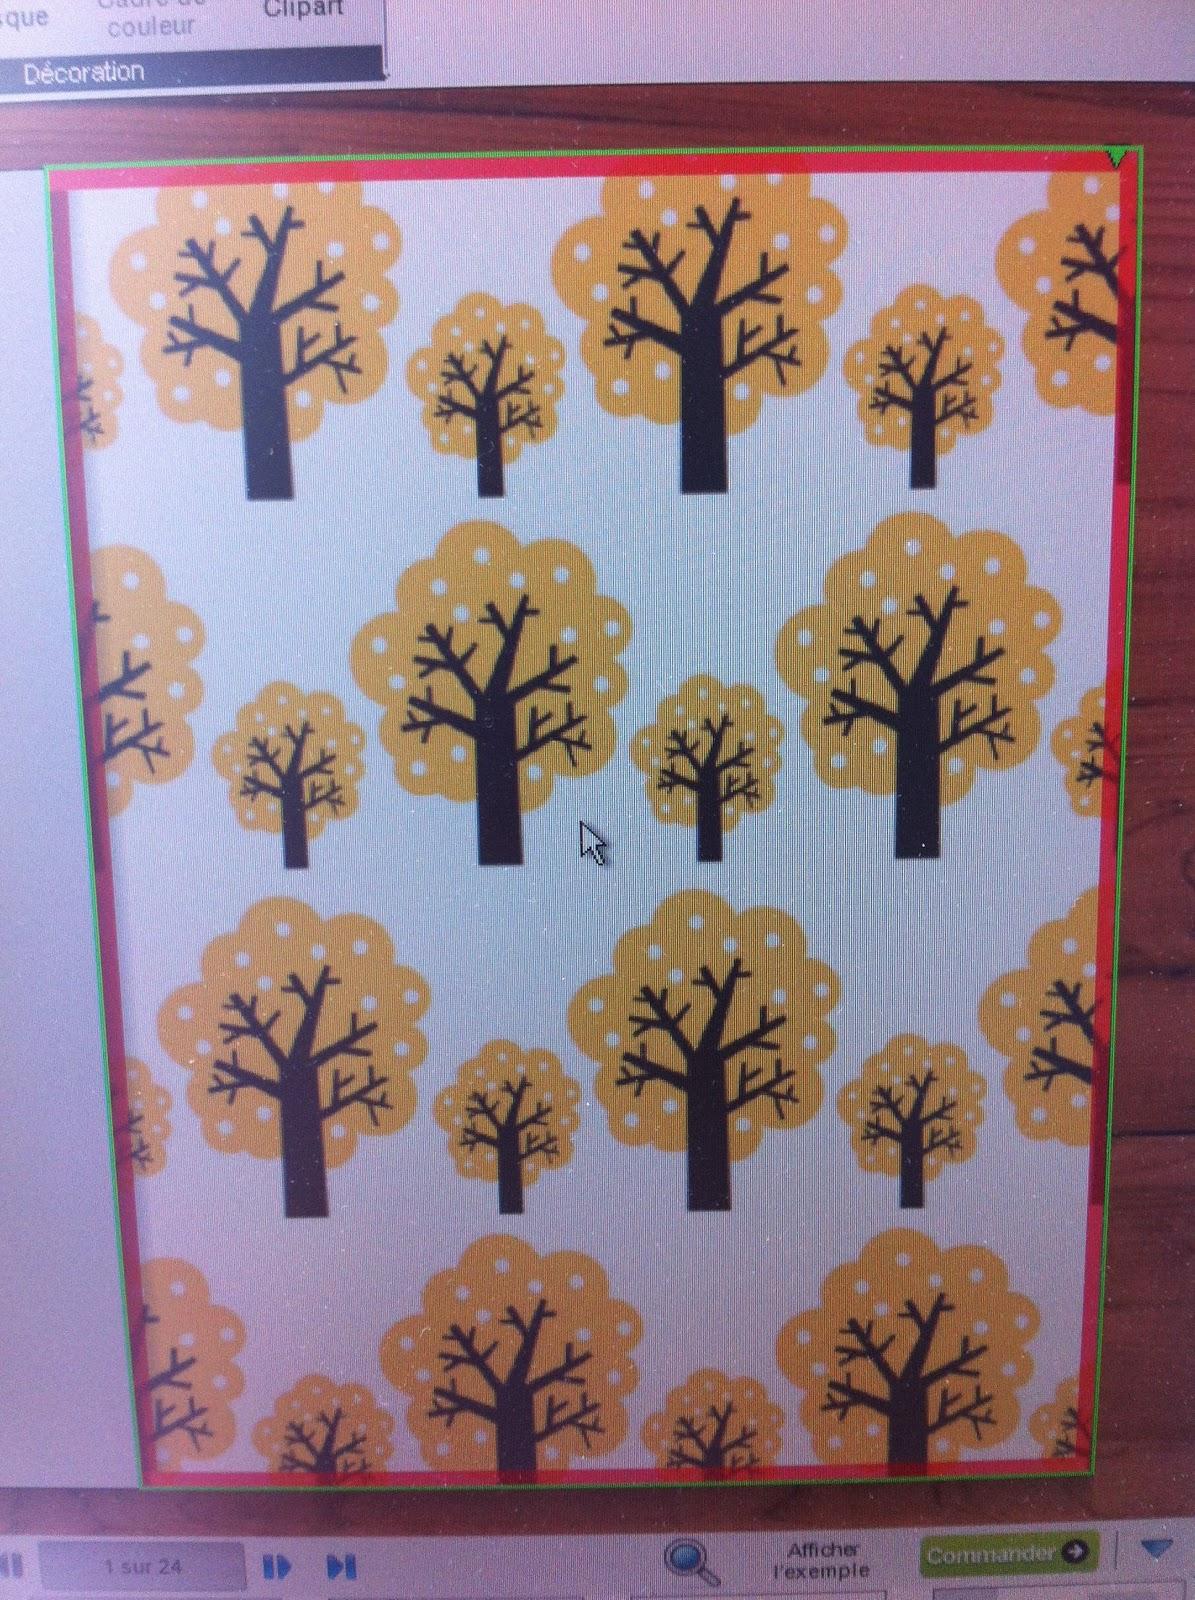 Papier Peint Motifs Imitation matériaux 4 Murs - Papier Peint Motif Livres